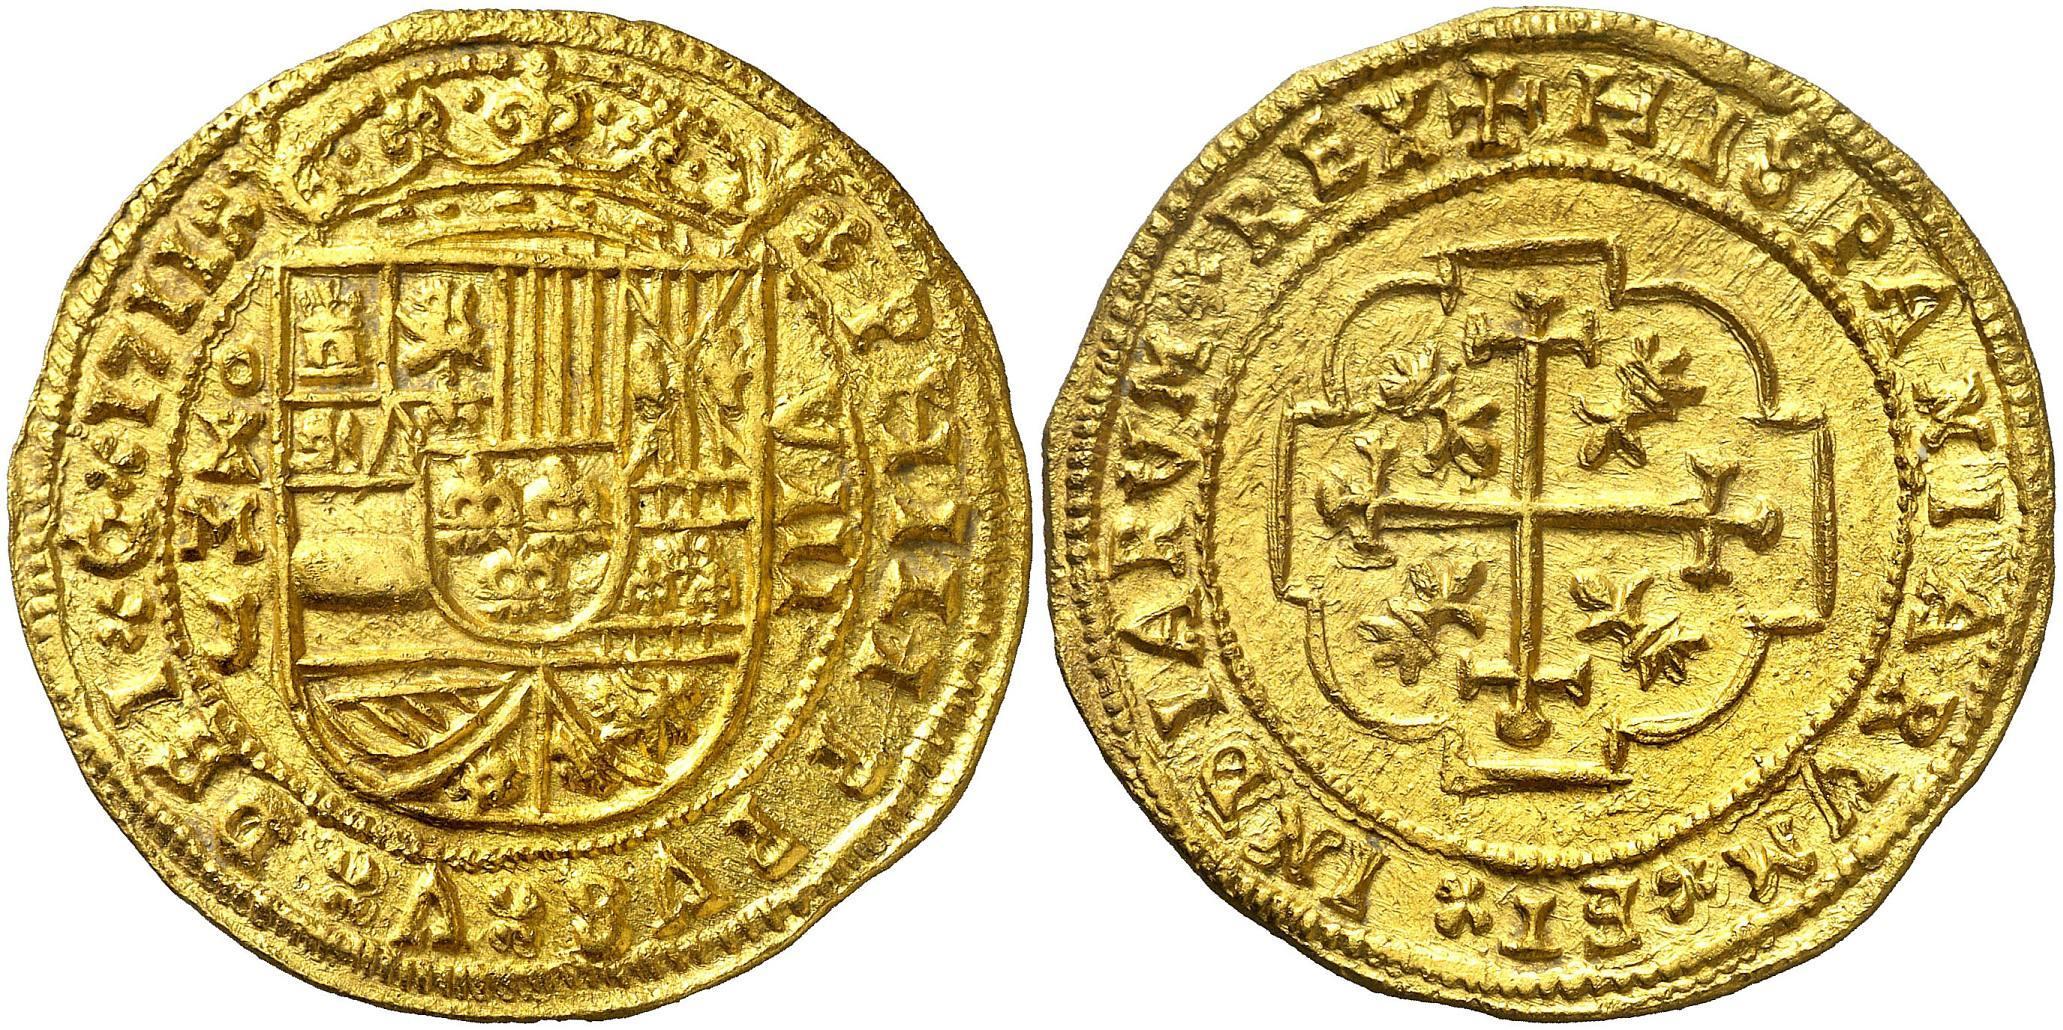 8-escudos-1711-mexico.-salida-150.000-euros.-aureocalico